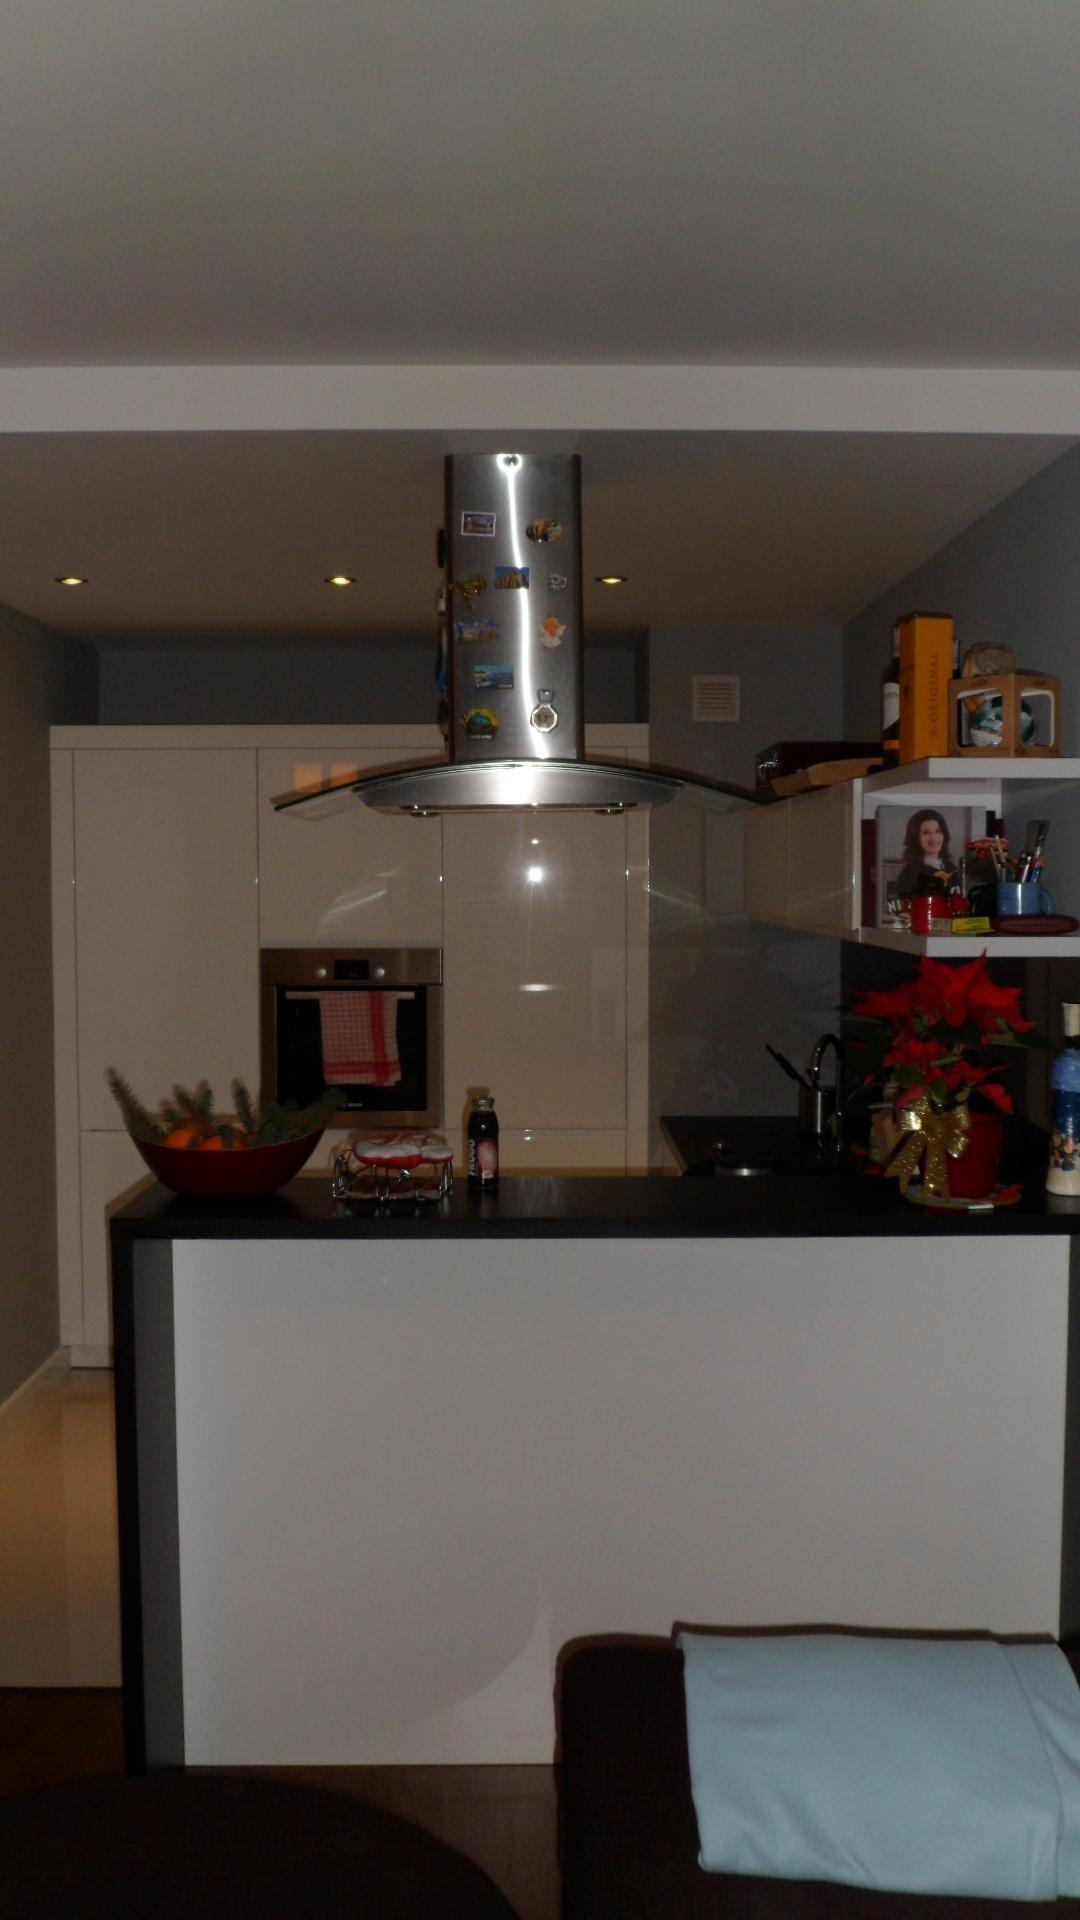 Meble kuchenne nowoczesne lakierowane na wysoki połysk z wyspą Łódź -> Kuchnie Nowoczesne Lakierowane Z Wyspą